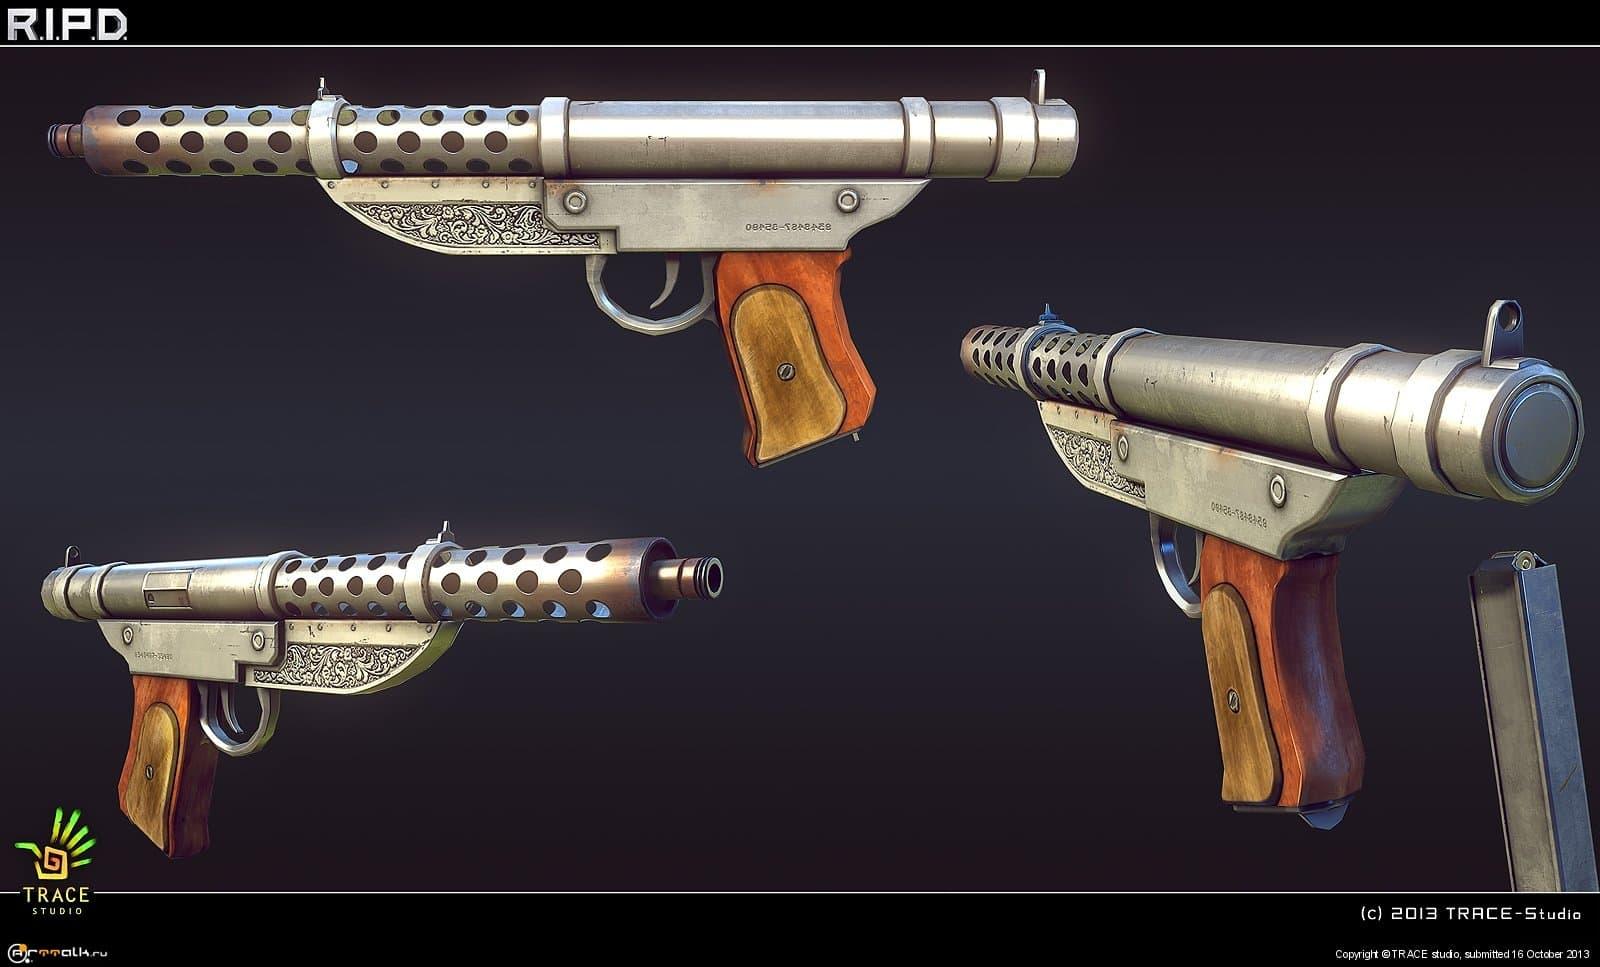 R.i.p.d. Gun5